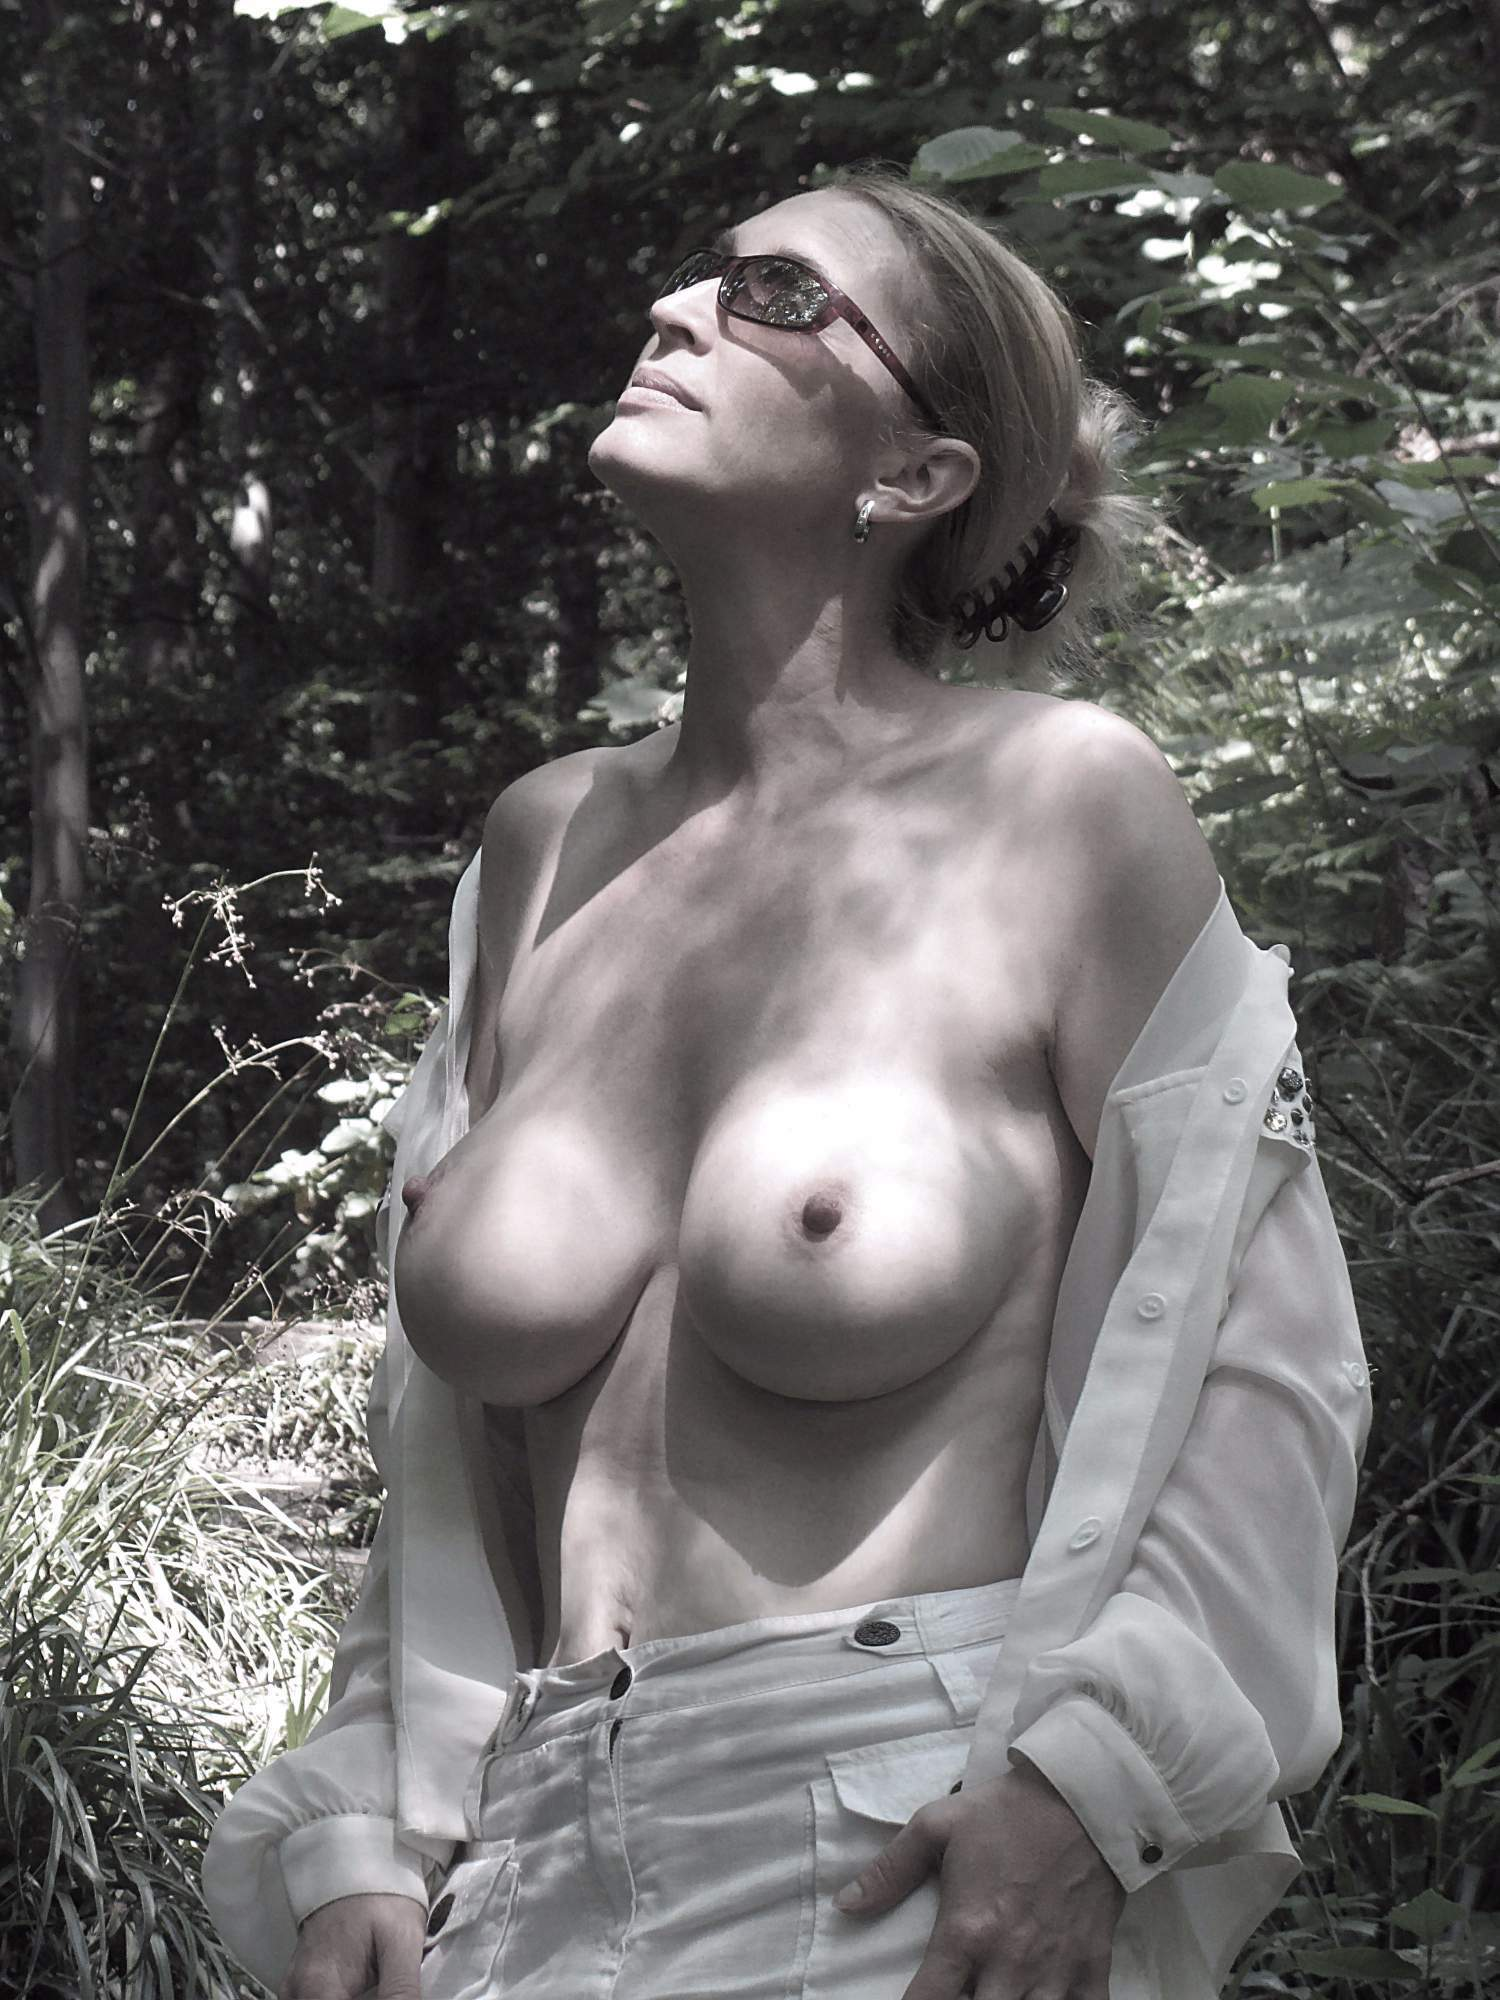 http://img24.rajce.idnes.cz/d2402/13/13133/13133717_9c6391c5702f90347cd7f2ea12218ba5/images/75.jpg